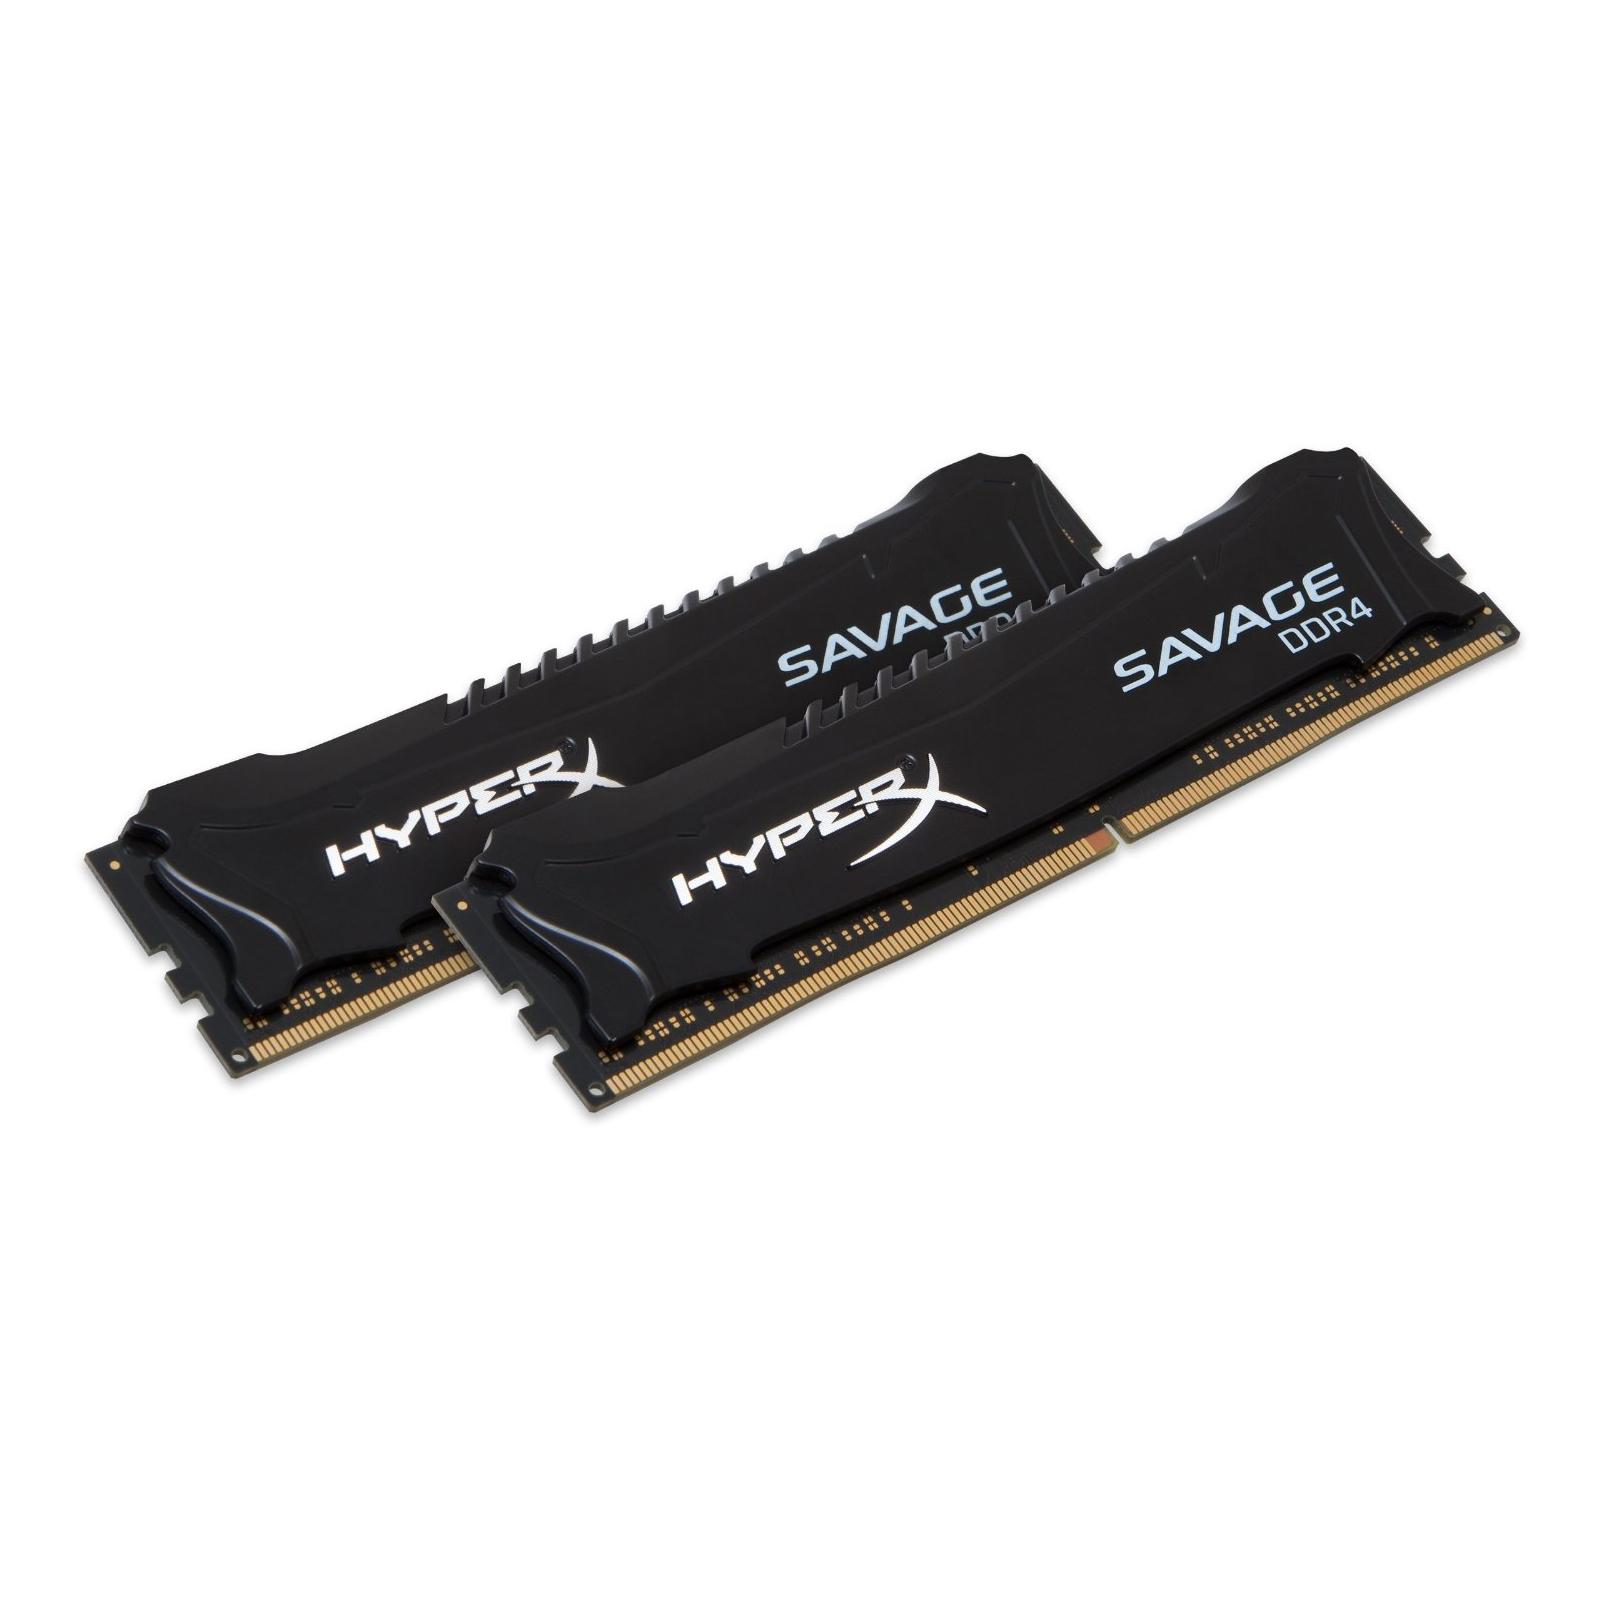 Модуль памяти для компьютера DDR4 8GB (2x4GB) 3000 MHz Savage Blak Kingston (HX430C15SB2/8) изображение 2